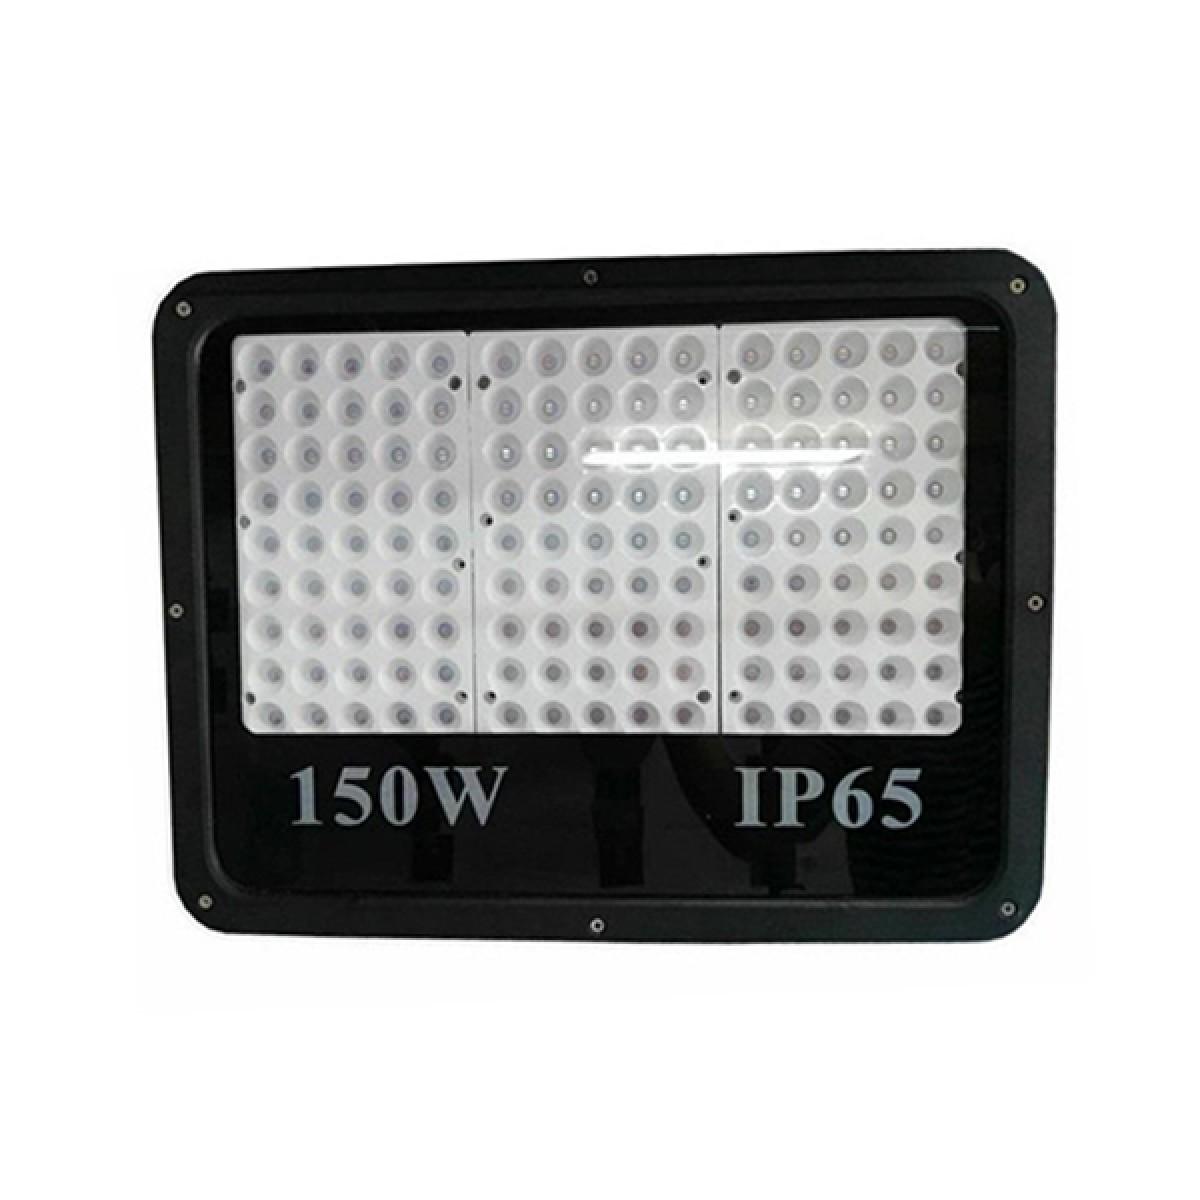 ΠΡΟΒΟΛΕΑΣ 150W LED SMD IP65